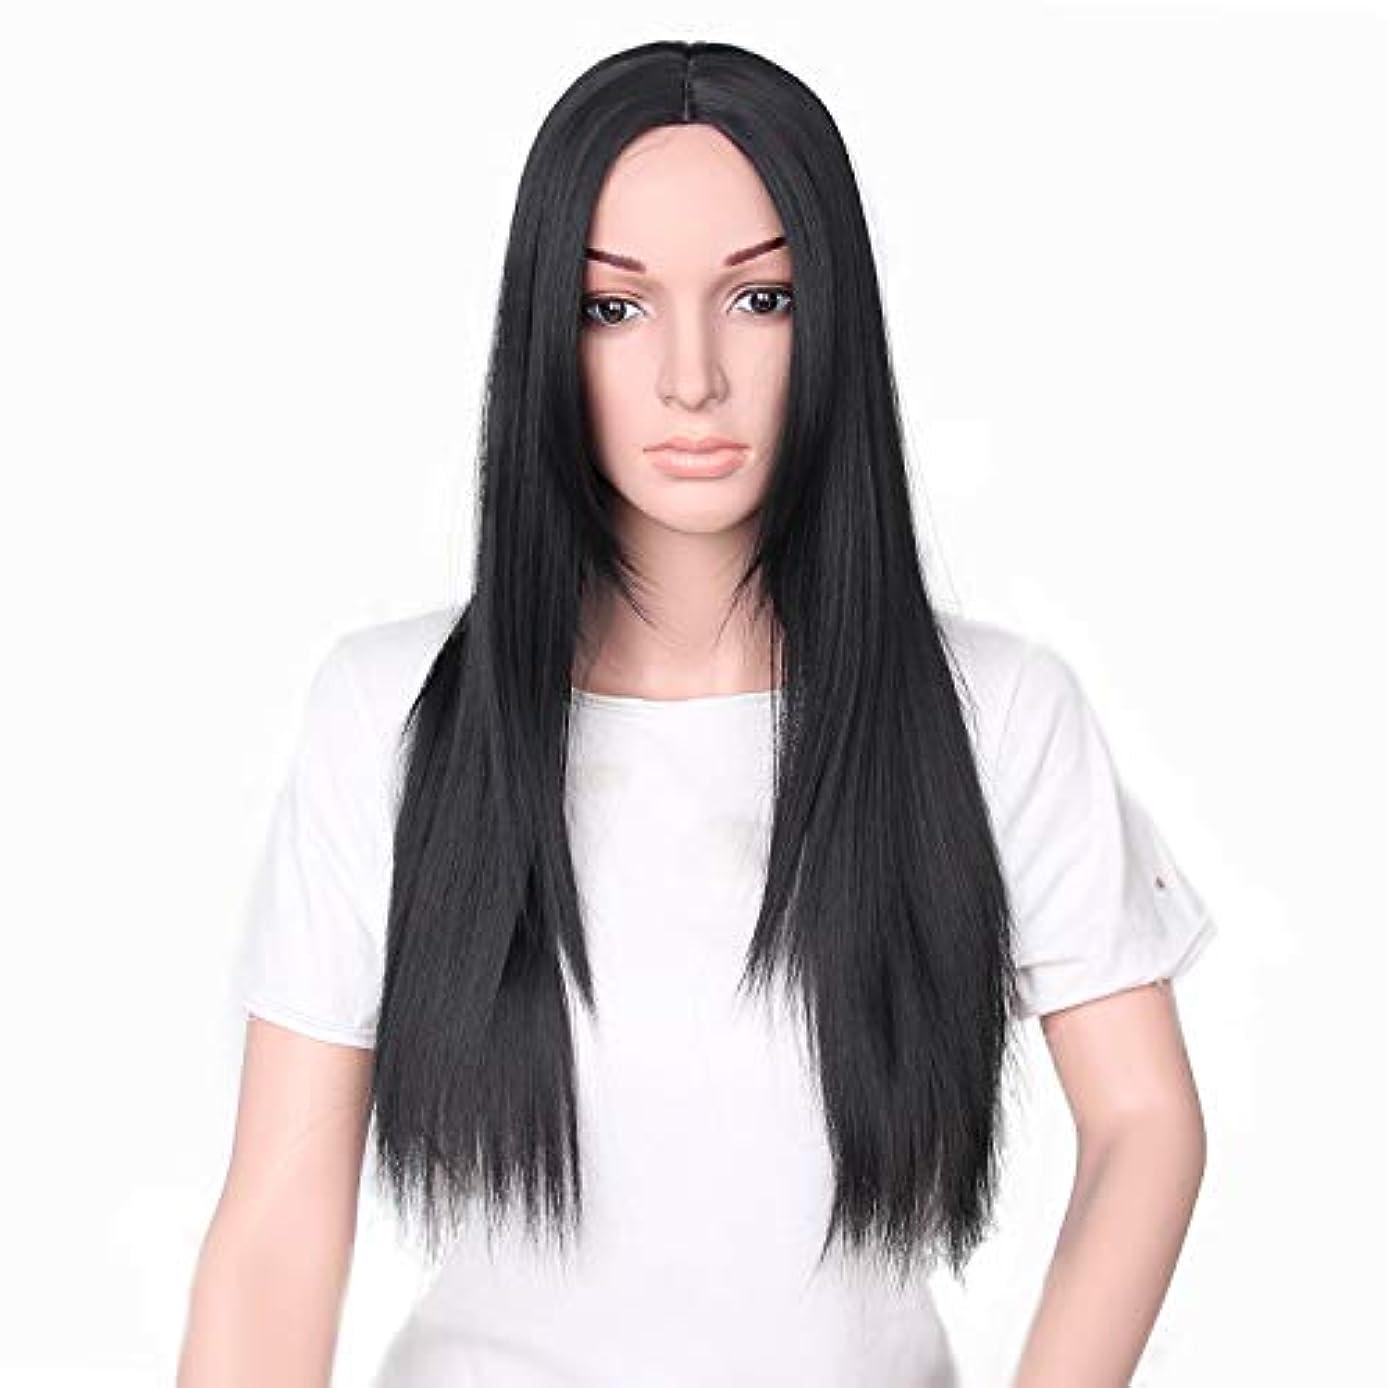 男らしい夢中王朝YZUEYT 66cm女性ナチュラルセンター分割ロングストレートブラックヘアウィッグ YZUEYT (Size : One size)